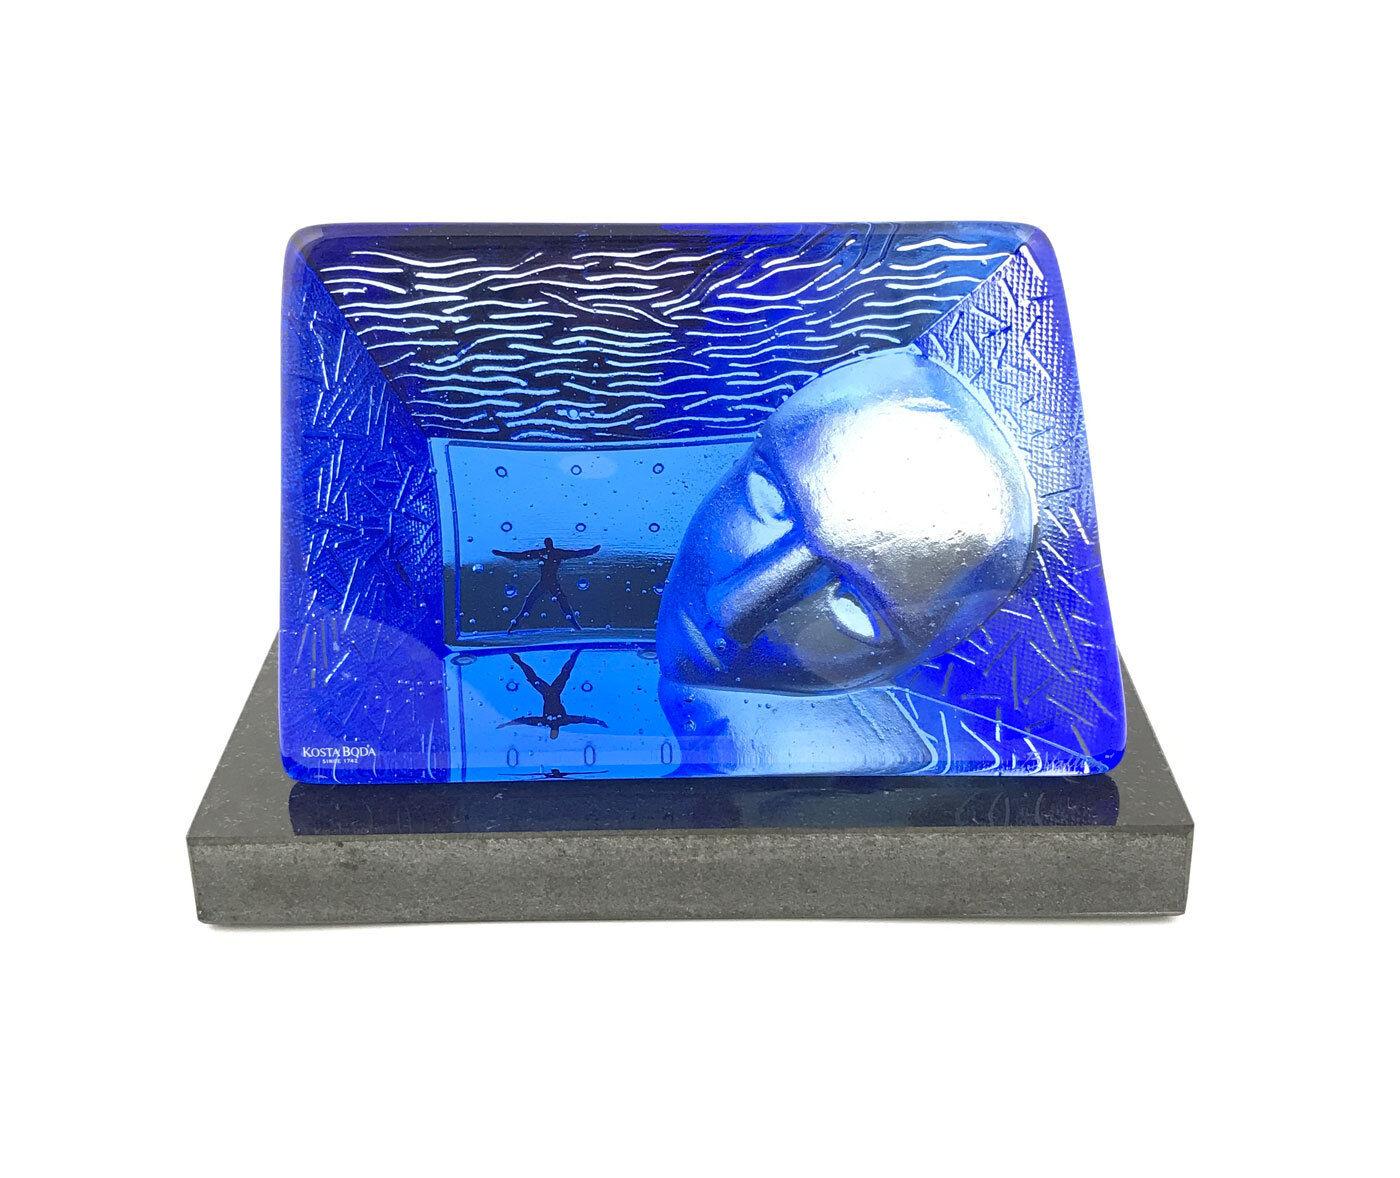 Kosta Boda 7175012 Viso scultura cristallo cristallo cristallo blu ee9b73